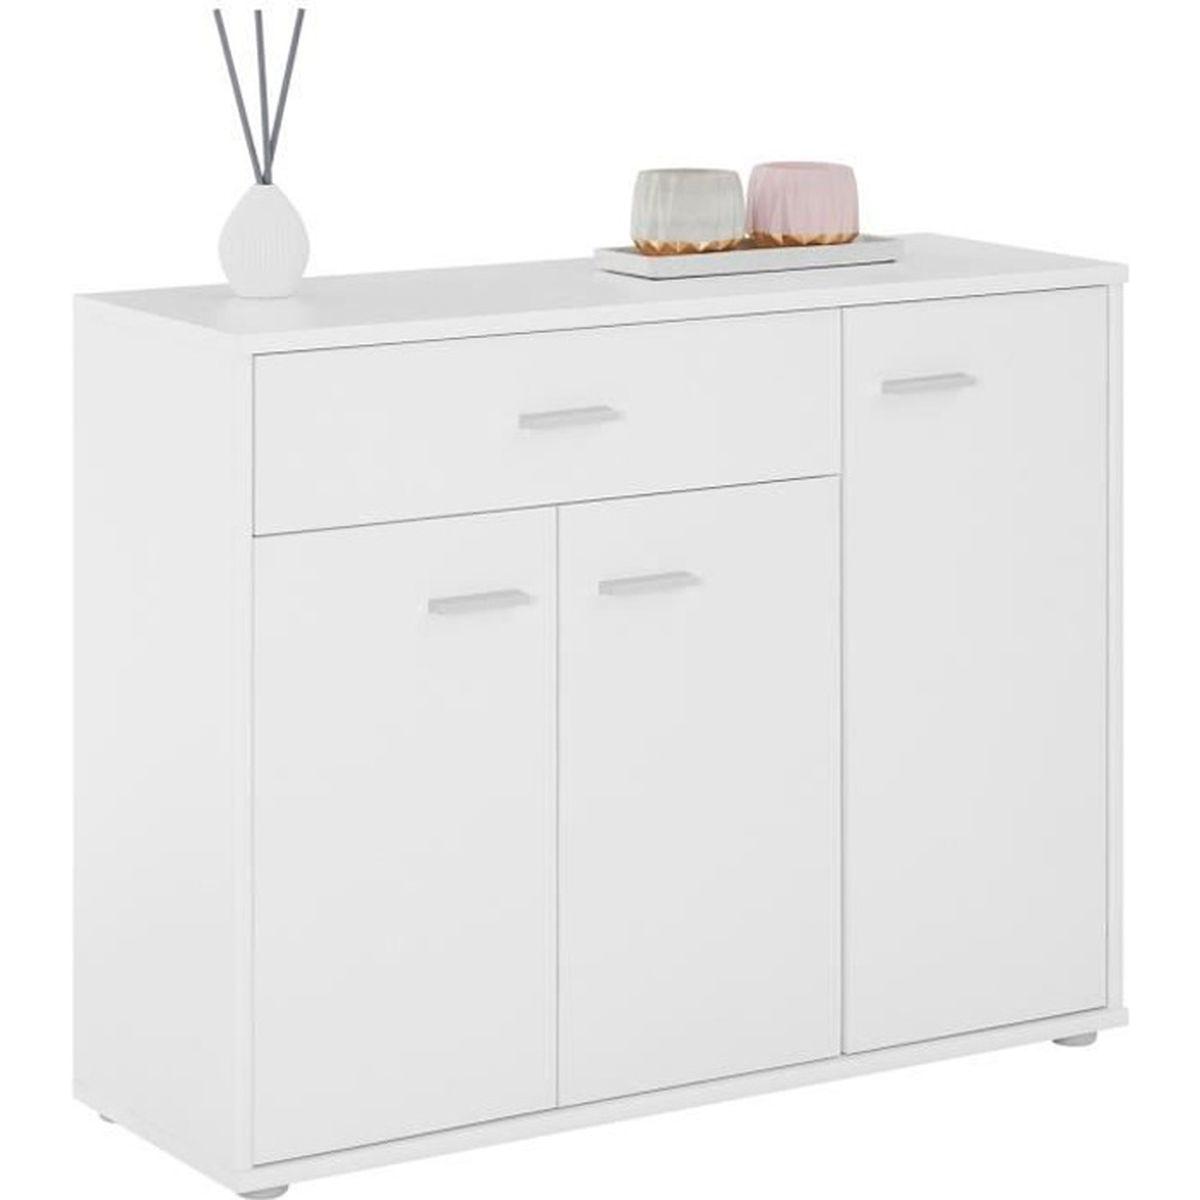 Panneau Melamine Noir Mat buffet coraline, commode meuble de rangement avec 1 tiroir